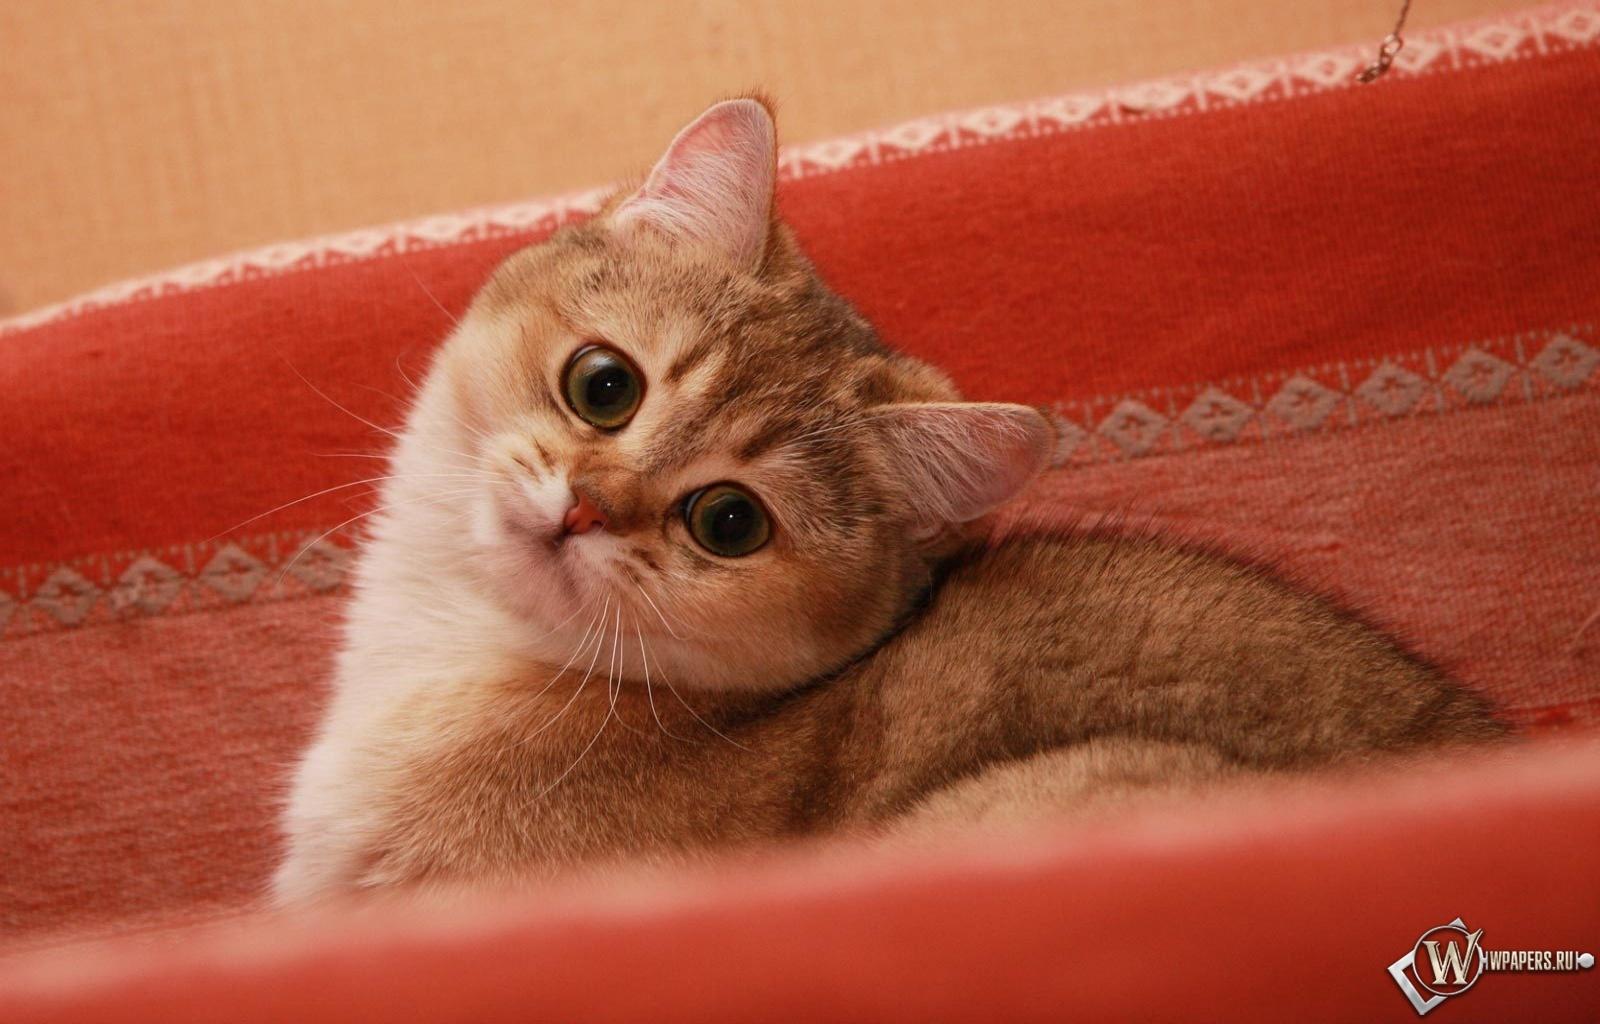 Красивый кот 1600x1024